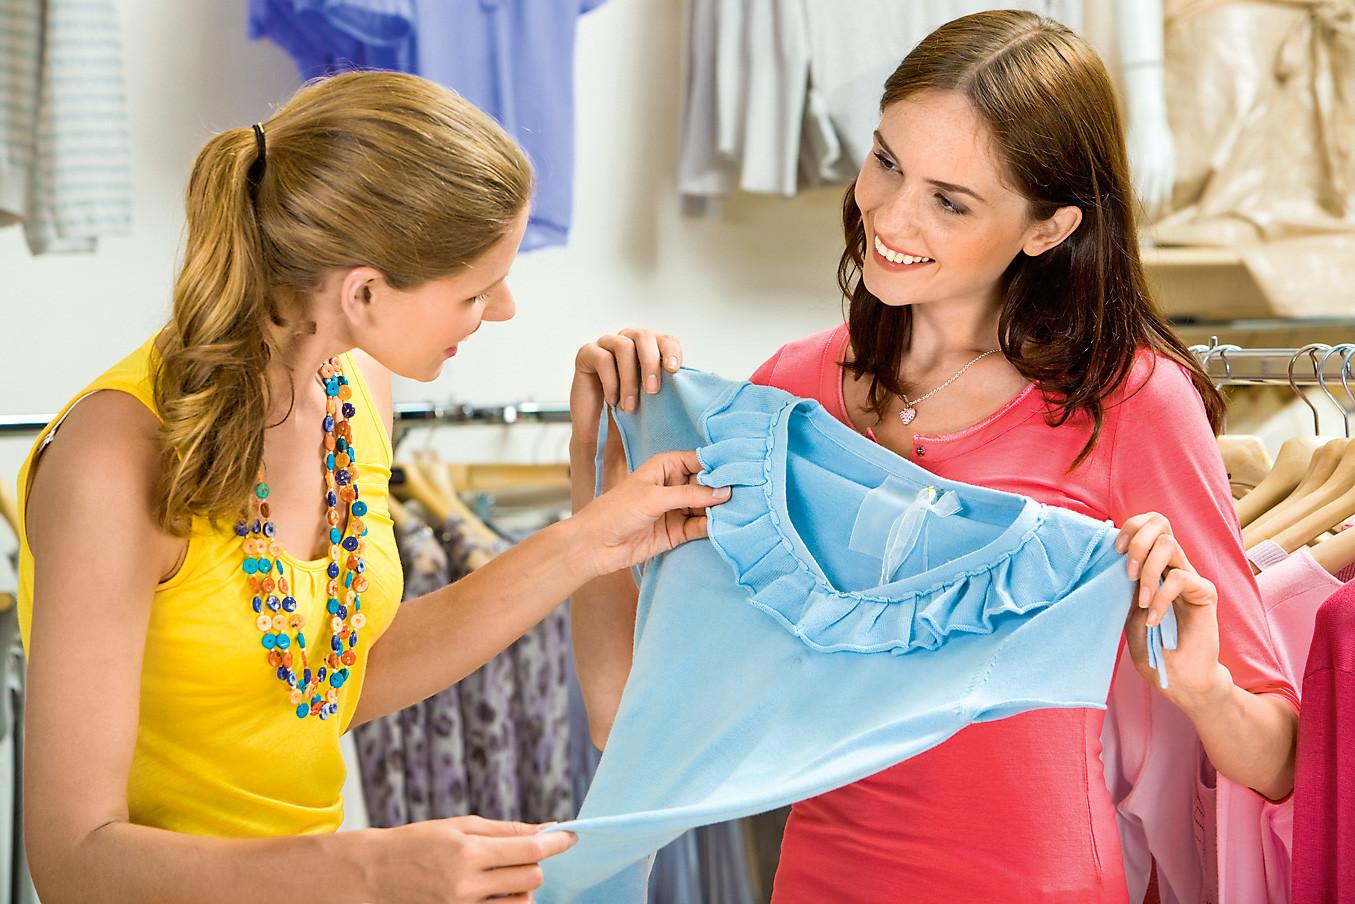 Как спастись от навязчивого консультанта в магазине? 3 главных уловки